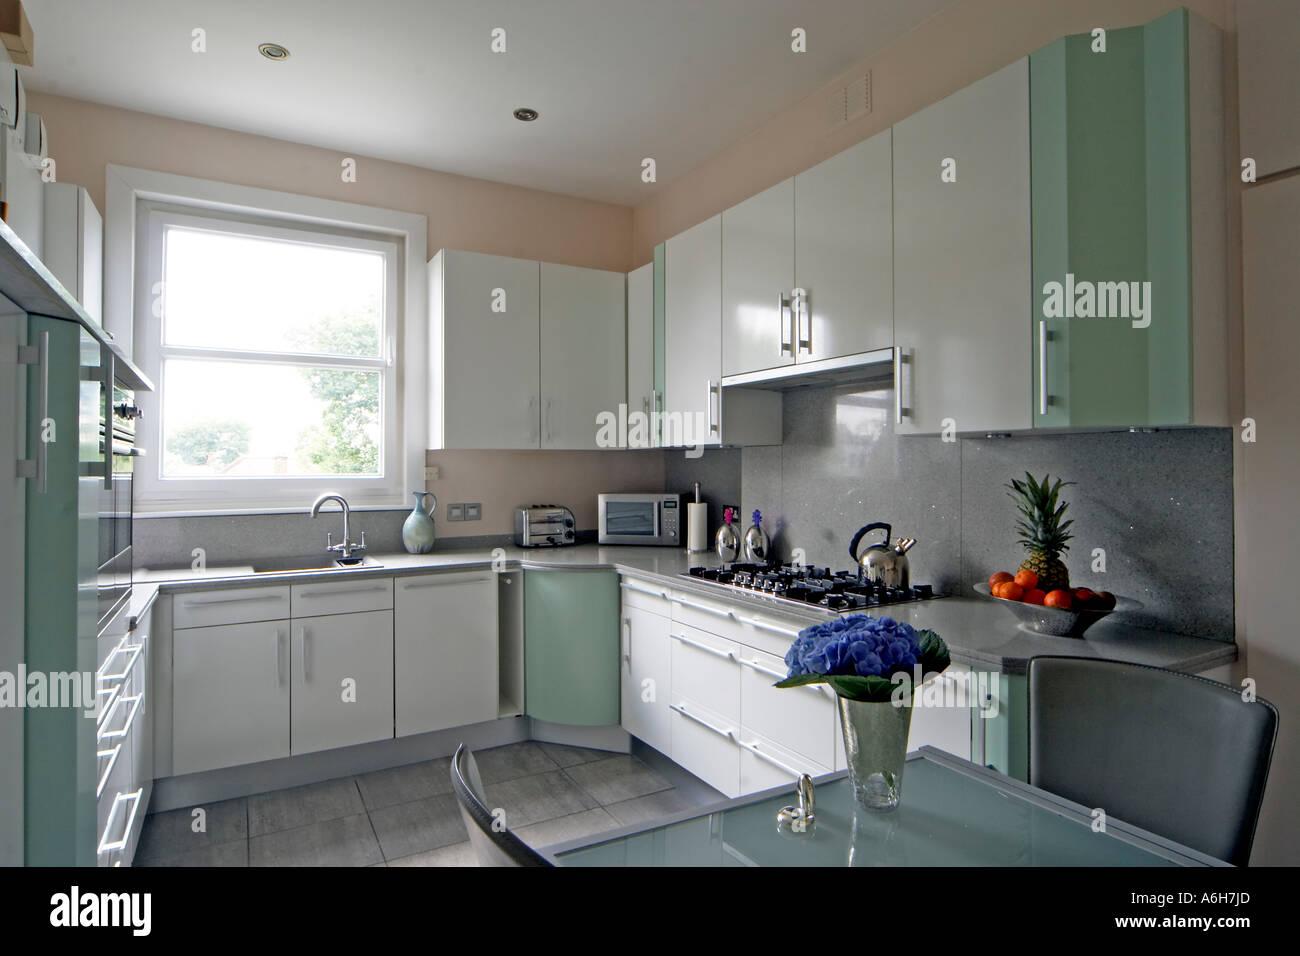 Fein Innenarchitektur Küchen London Bilder - Küchenschrank Ideen ...